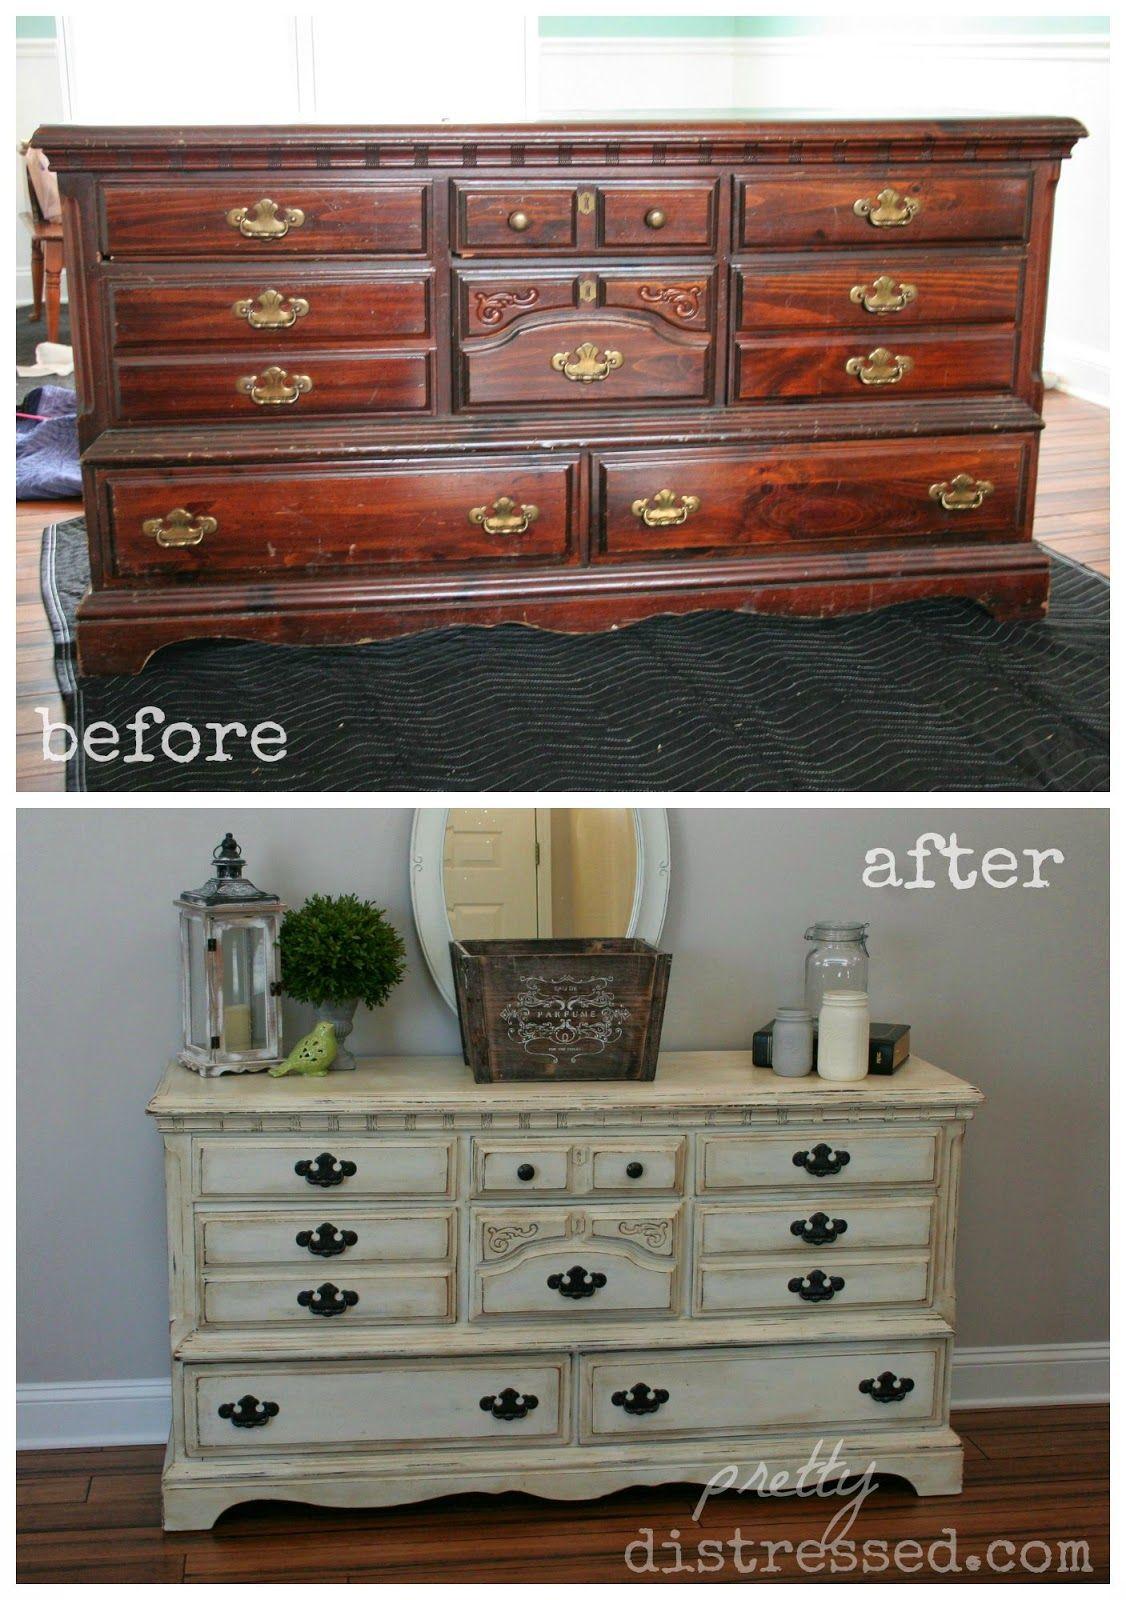 Pretty Distressed Goodwill Dresser Upcycle Reveal Reciclaje Muebles Ideas De Muebles Pintados Restauración De Muebles